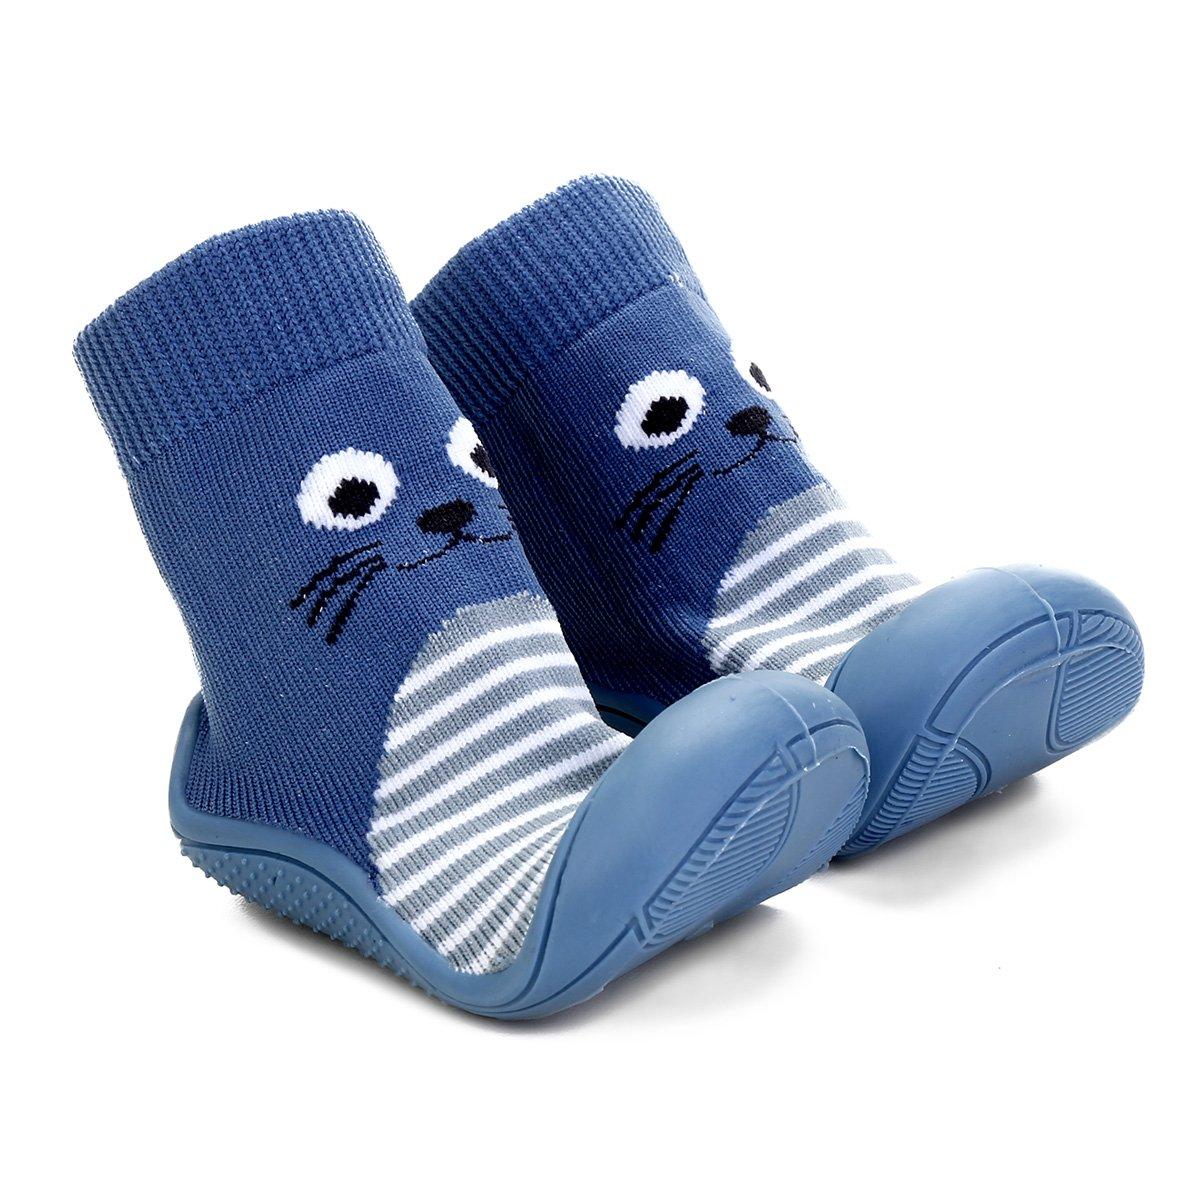 04fe70418c7 Meia Infantil Pimpolho Cano Longo Solado Estampada - Azul e Cinza - Compre  Agora